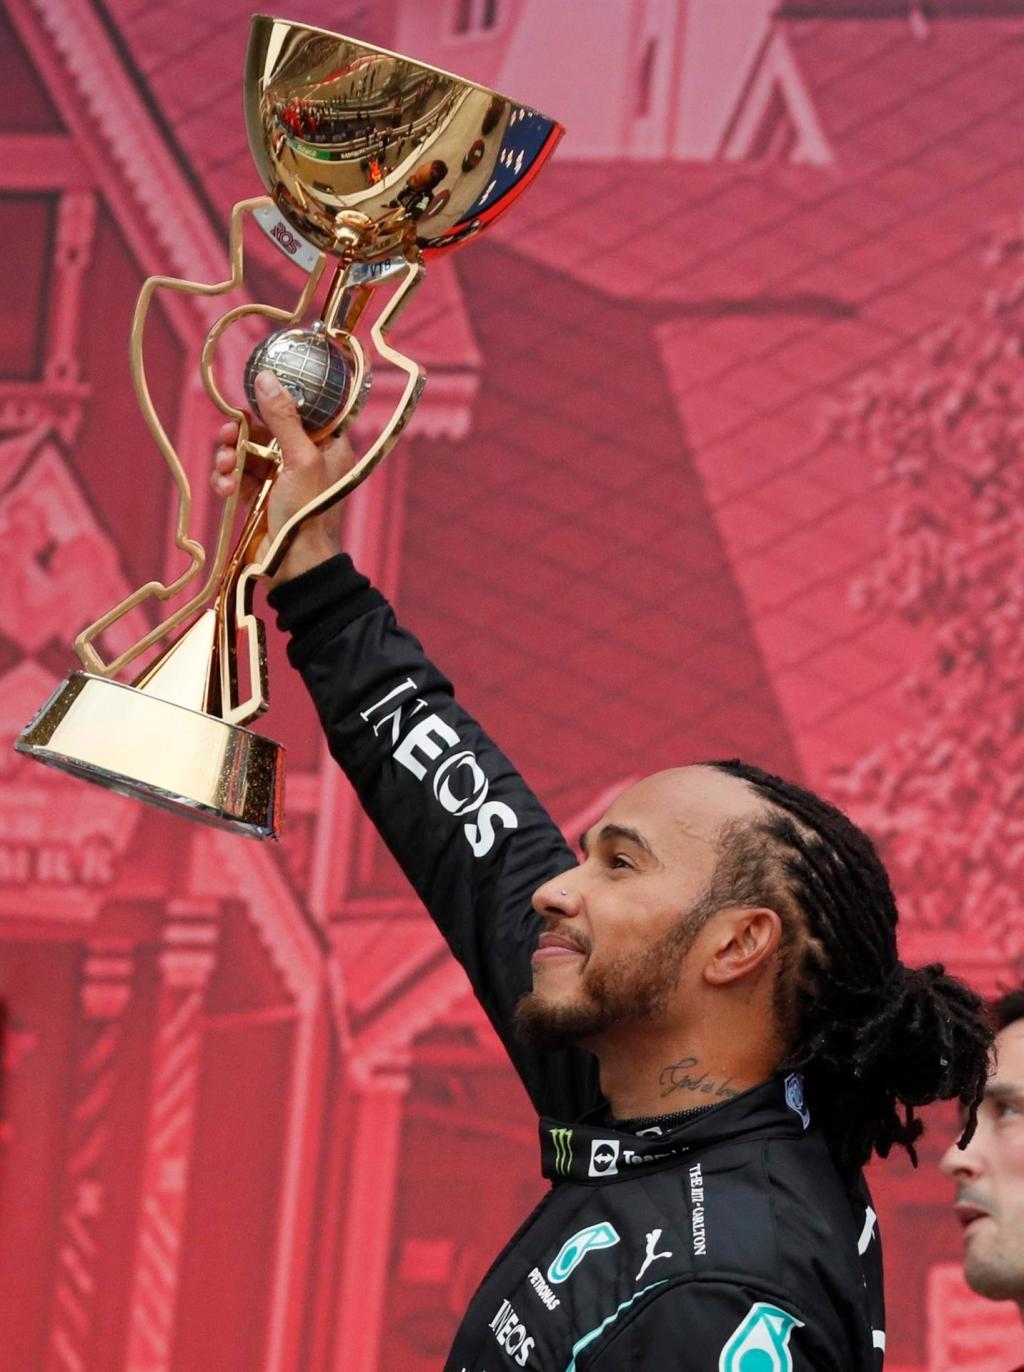 El piloto británico Lewis Hamilton levanta el trofeo de campeón. (Foto: EFE/EPA/Yuri Kochetkov)